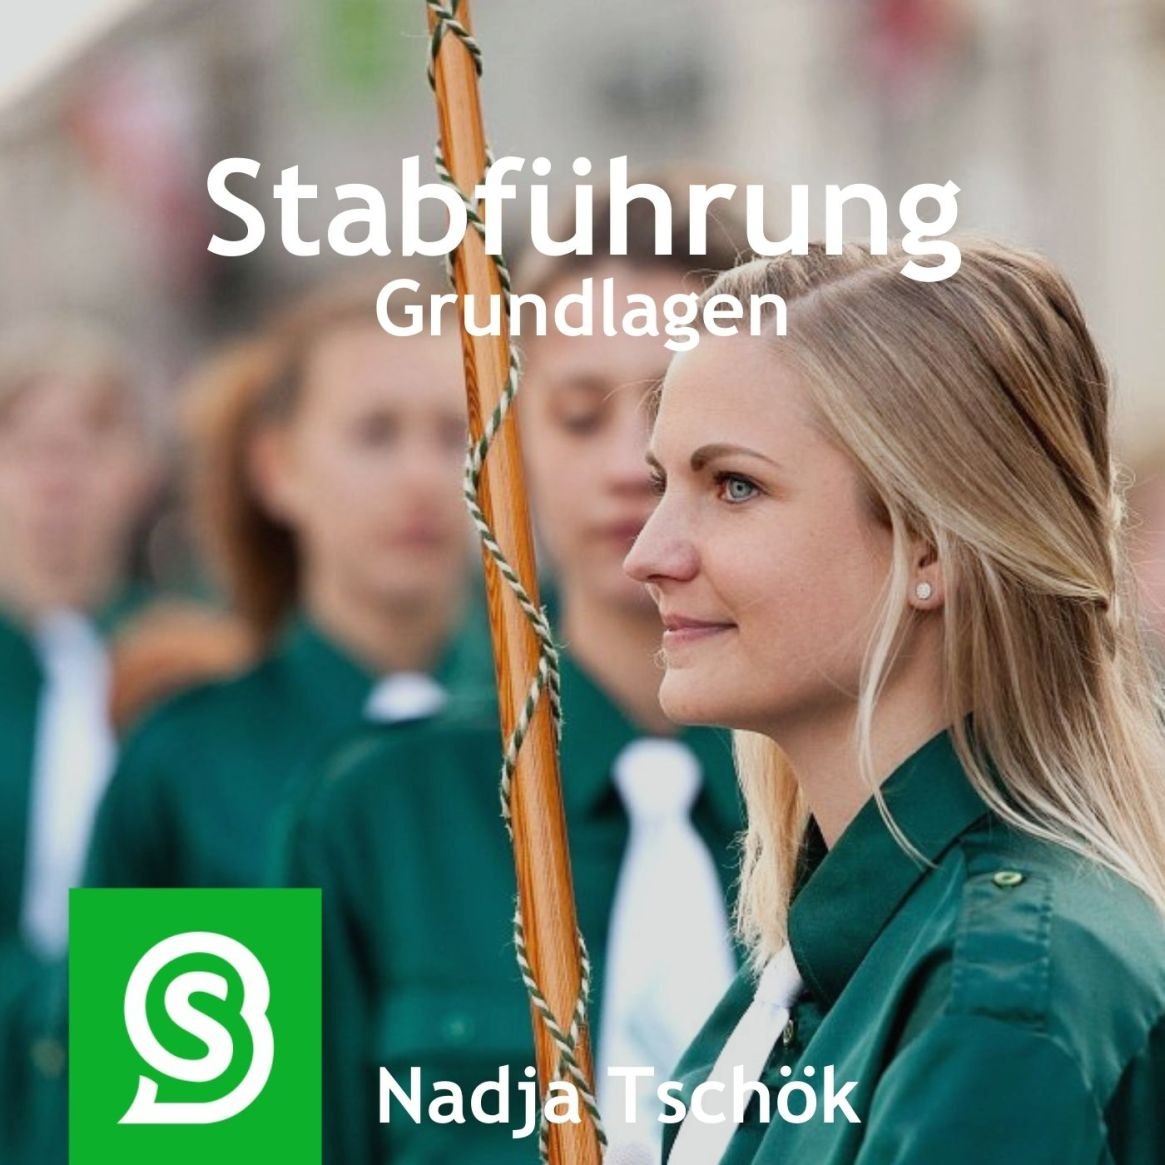 Stabführung Grundlagen lernen - mit Nadja